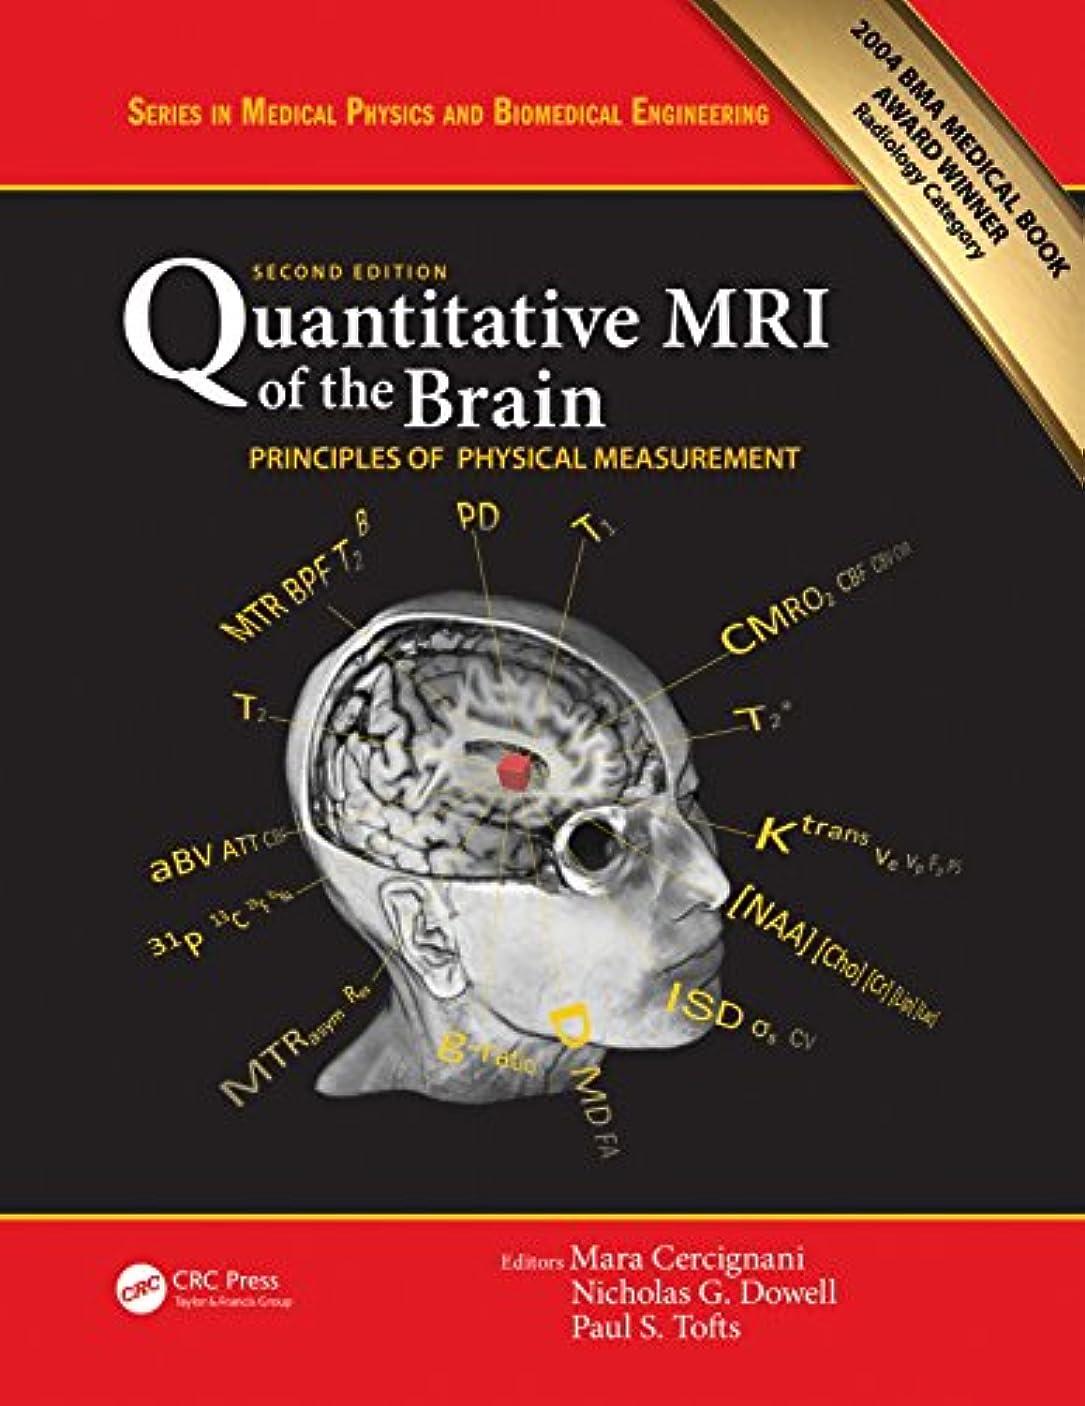 駅廊下タオルQuantitative MRI of the Brain: Principles of Physical Measurement, Second edition (Series in Medical Physics and Biomedical Engineering) (English Edition)